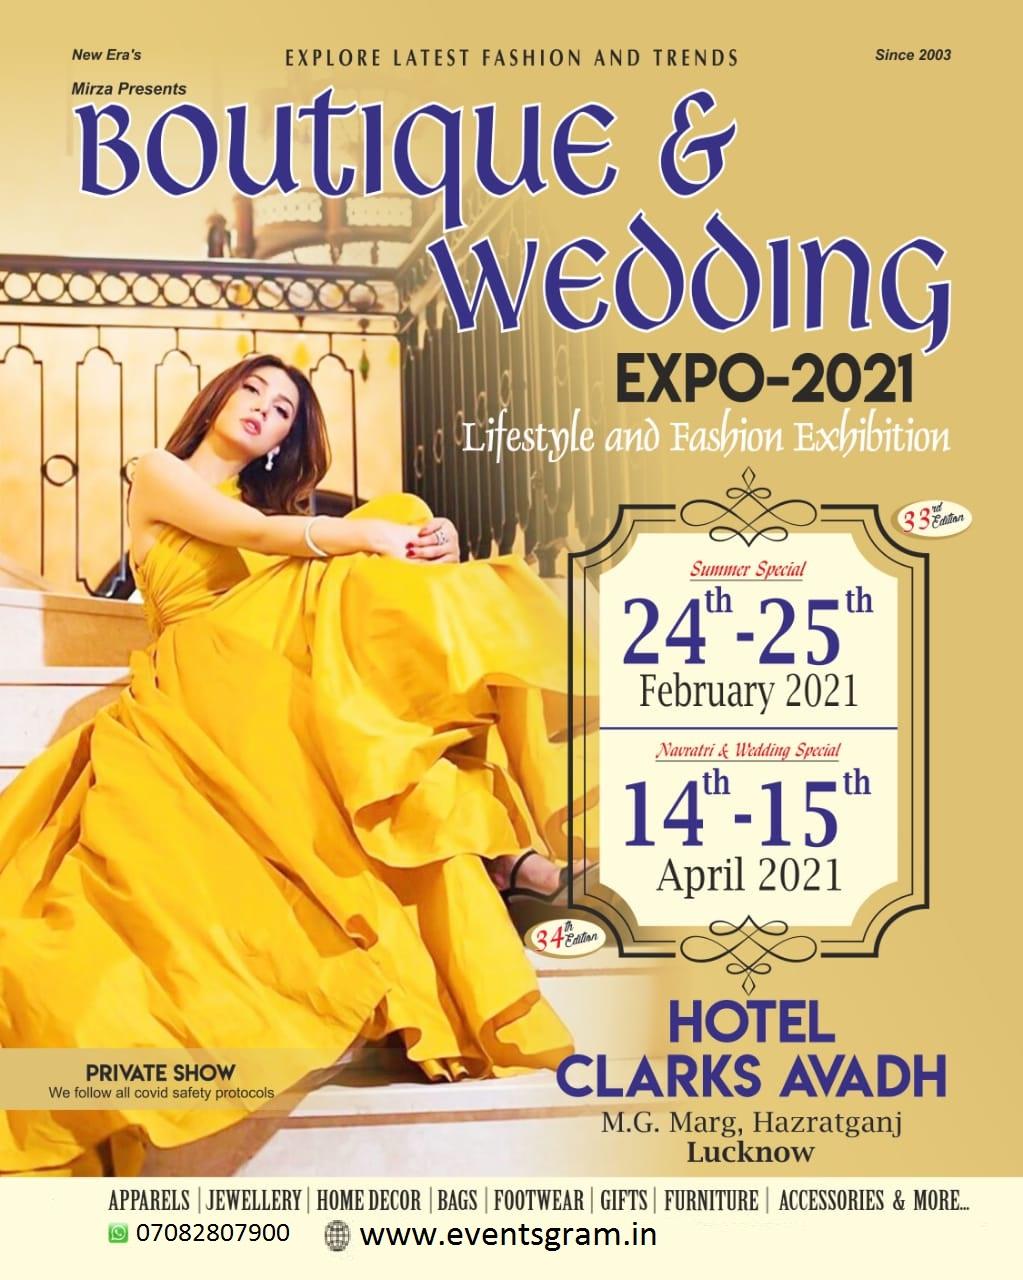 Boutique & Wedding Expo